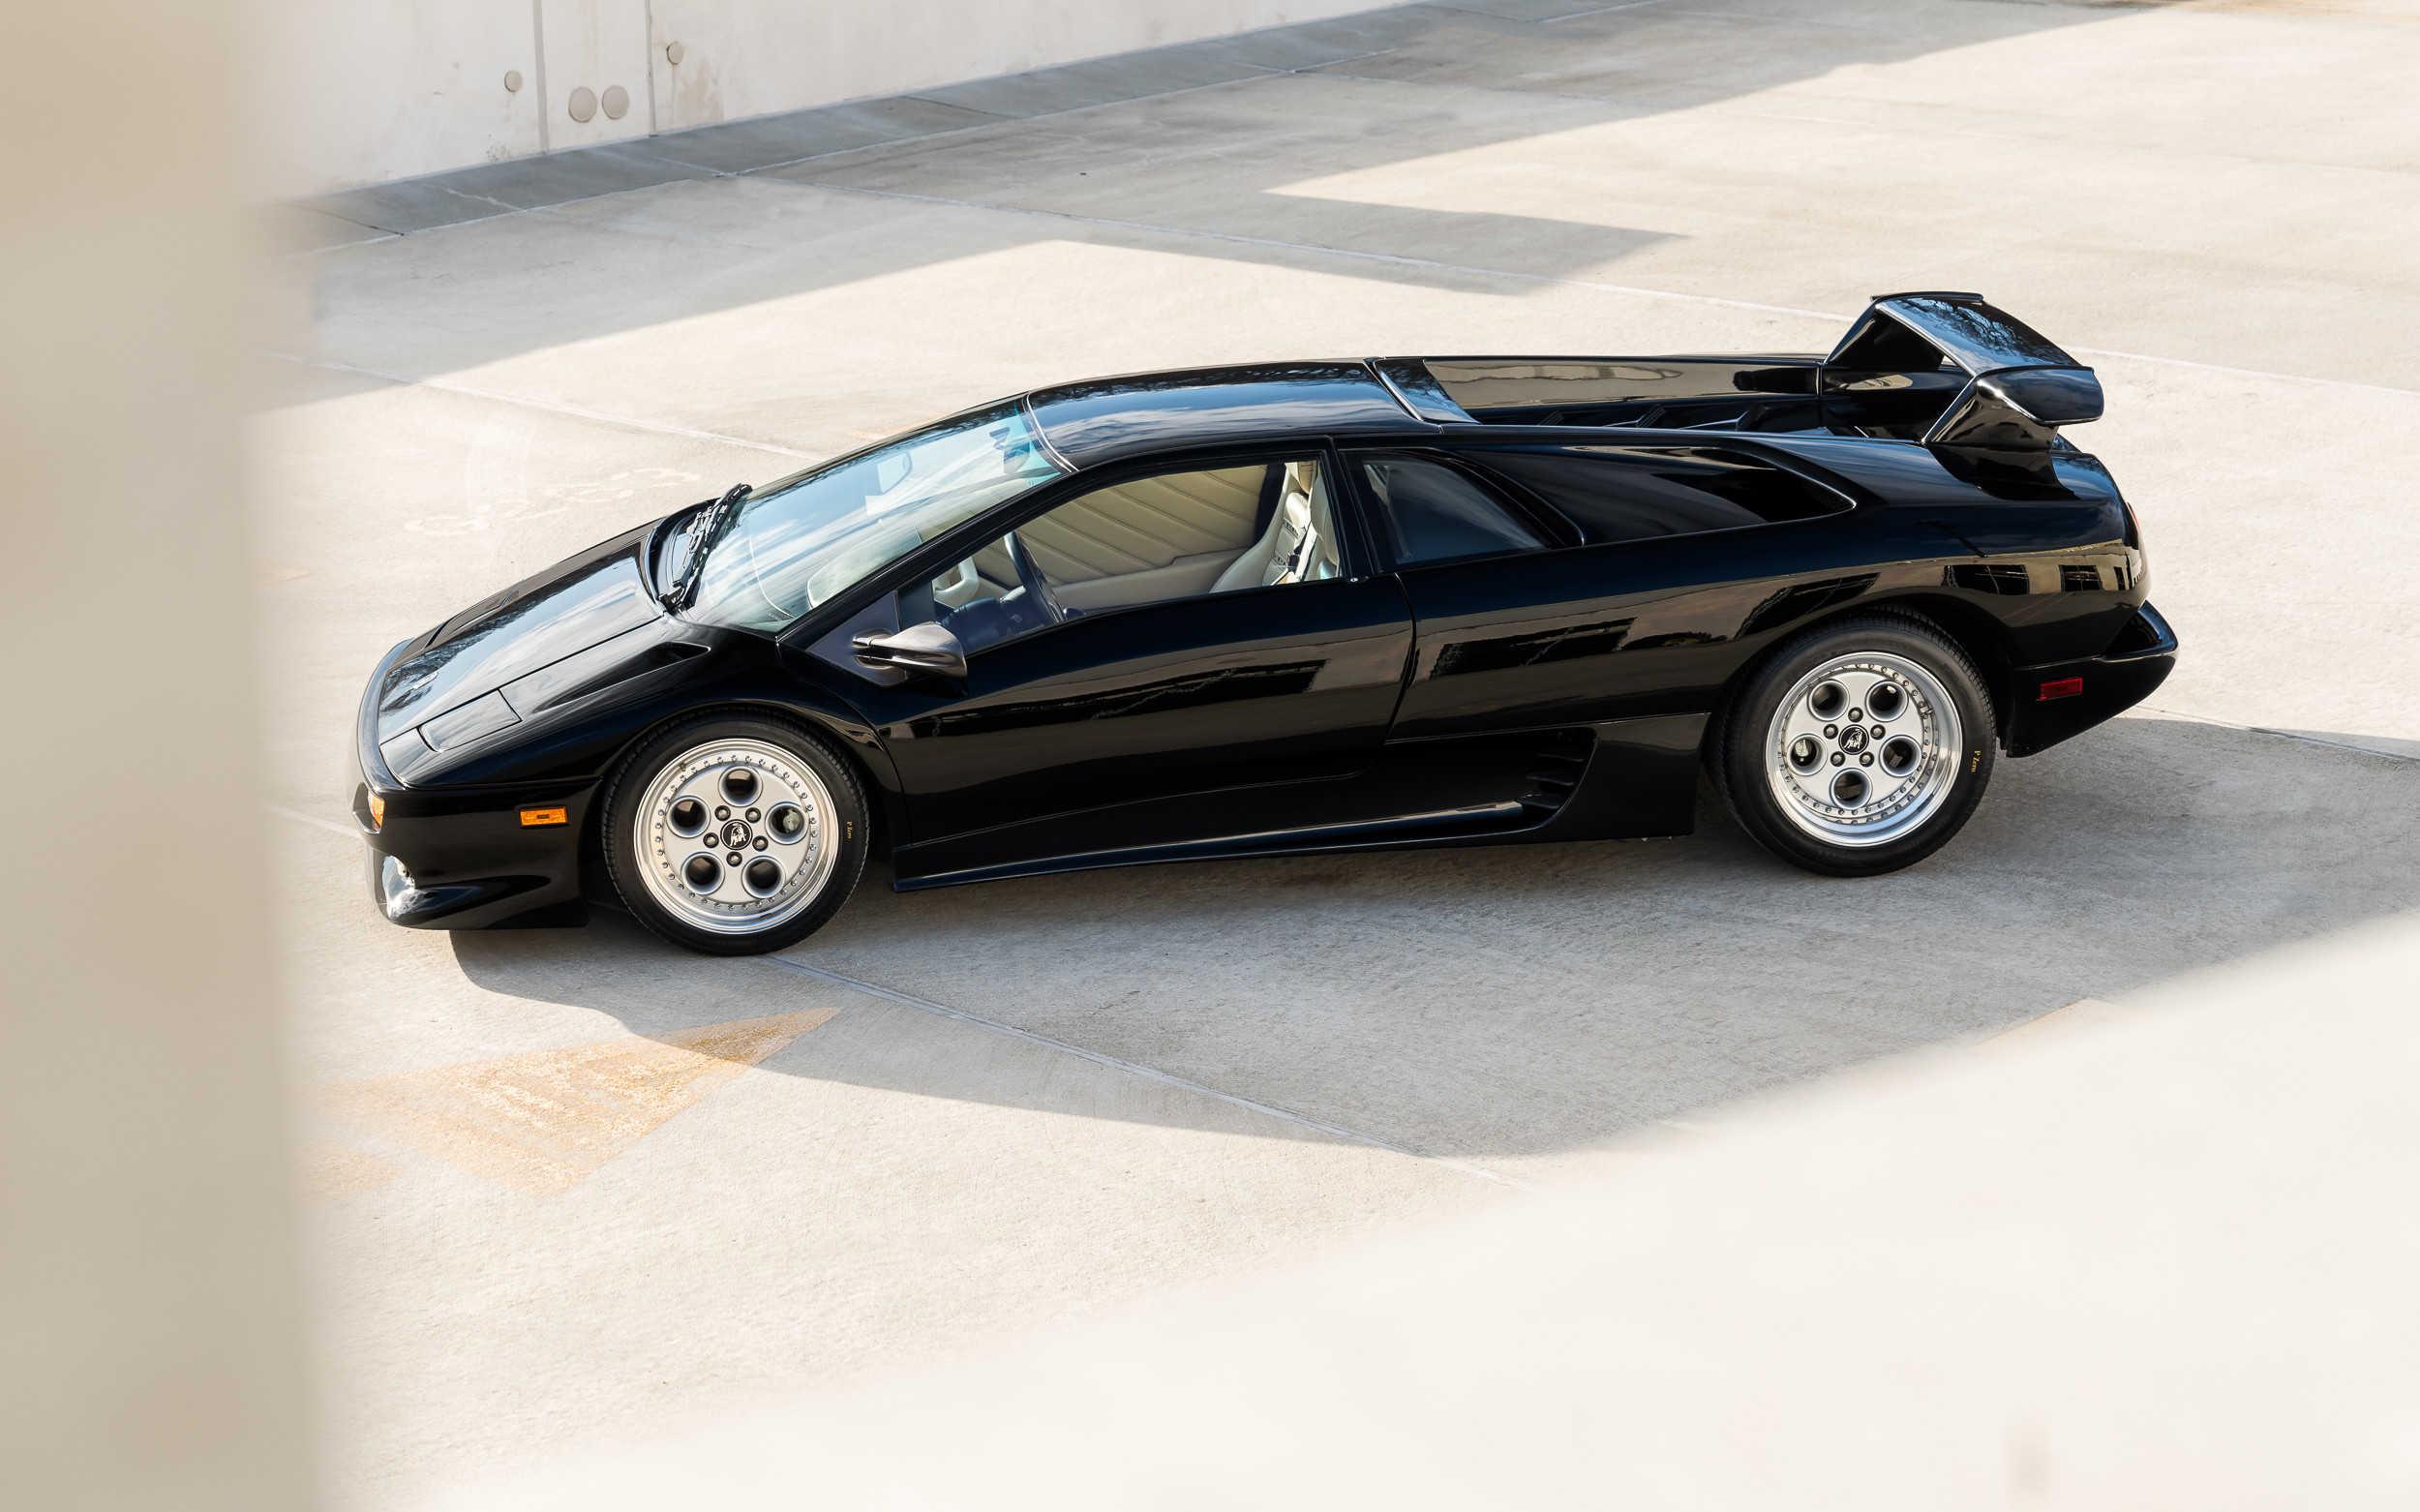 1992 Lamborghini Diablo For Sale In Philadelphia Pa Za9du07p9nla12431